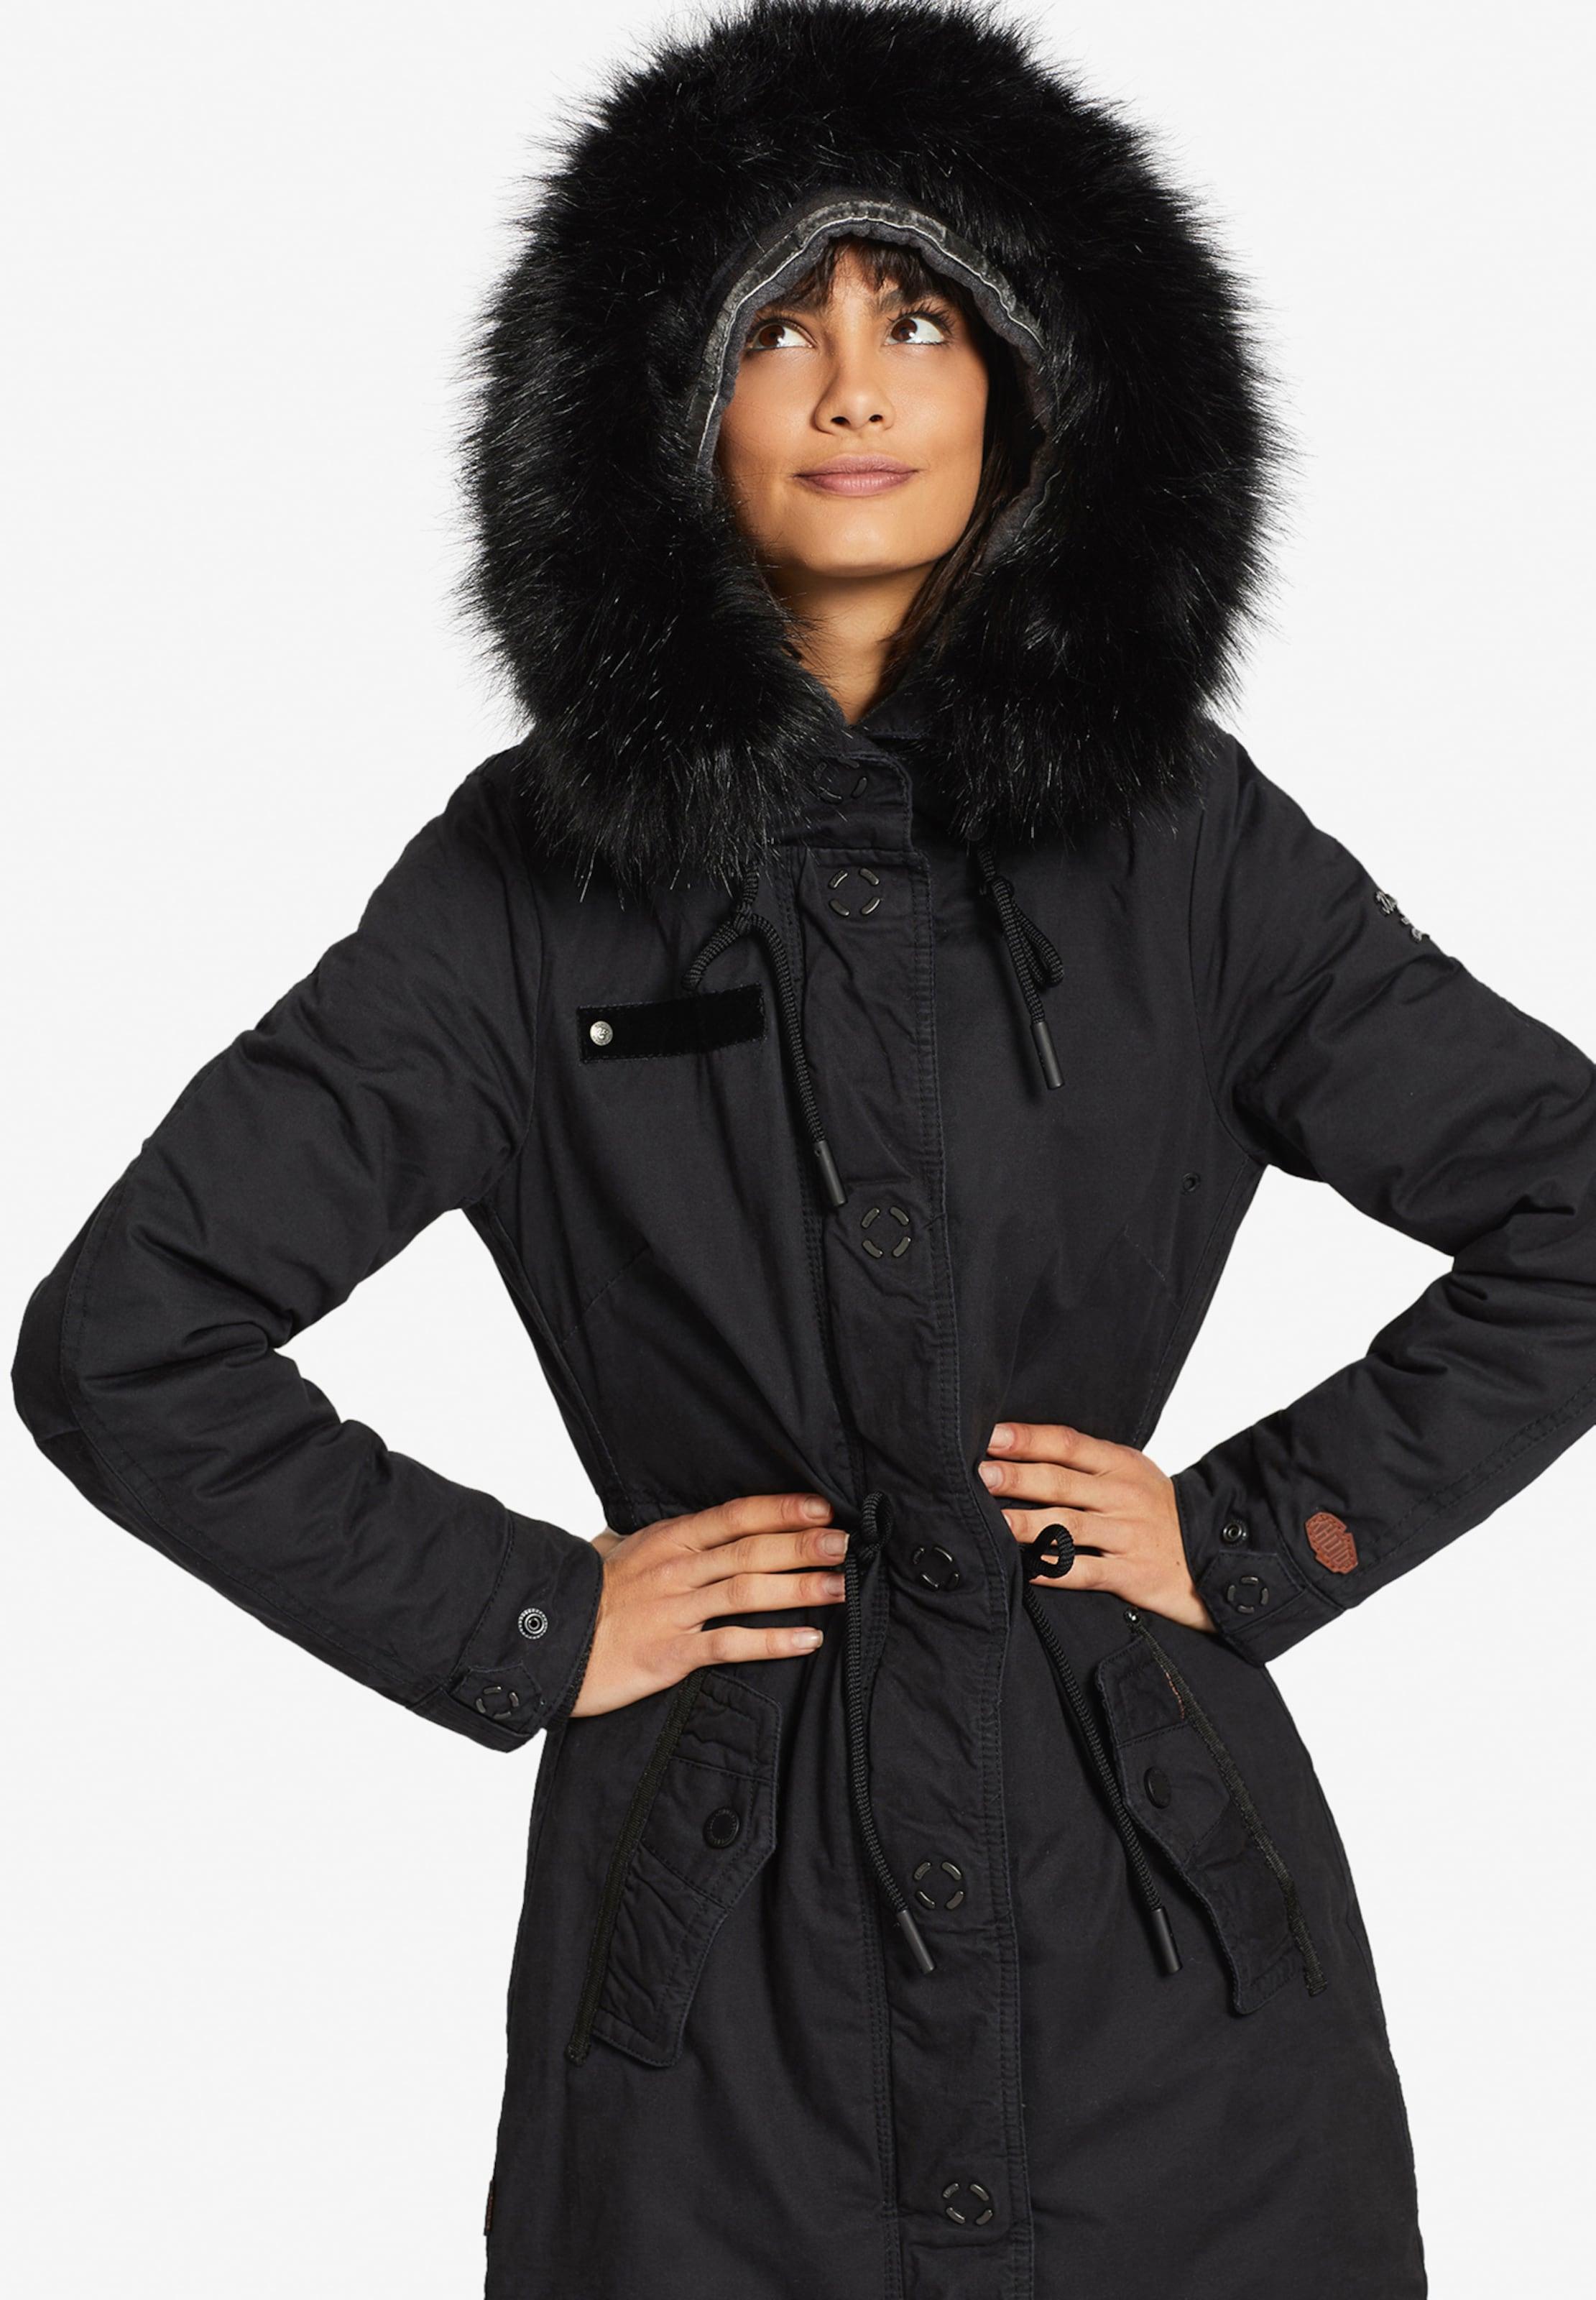 Mantel Adelisa Jacket With Inner ' In Schwarz Khujo N0wm8n